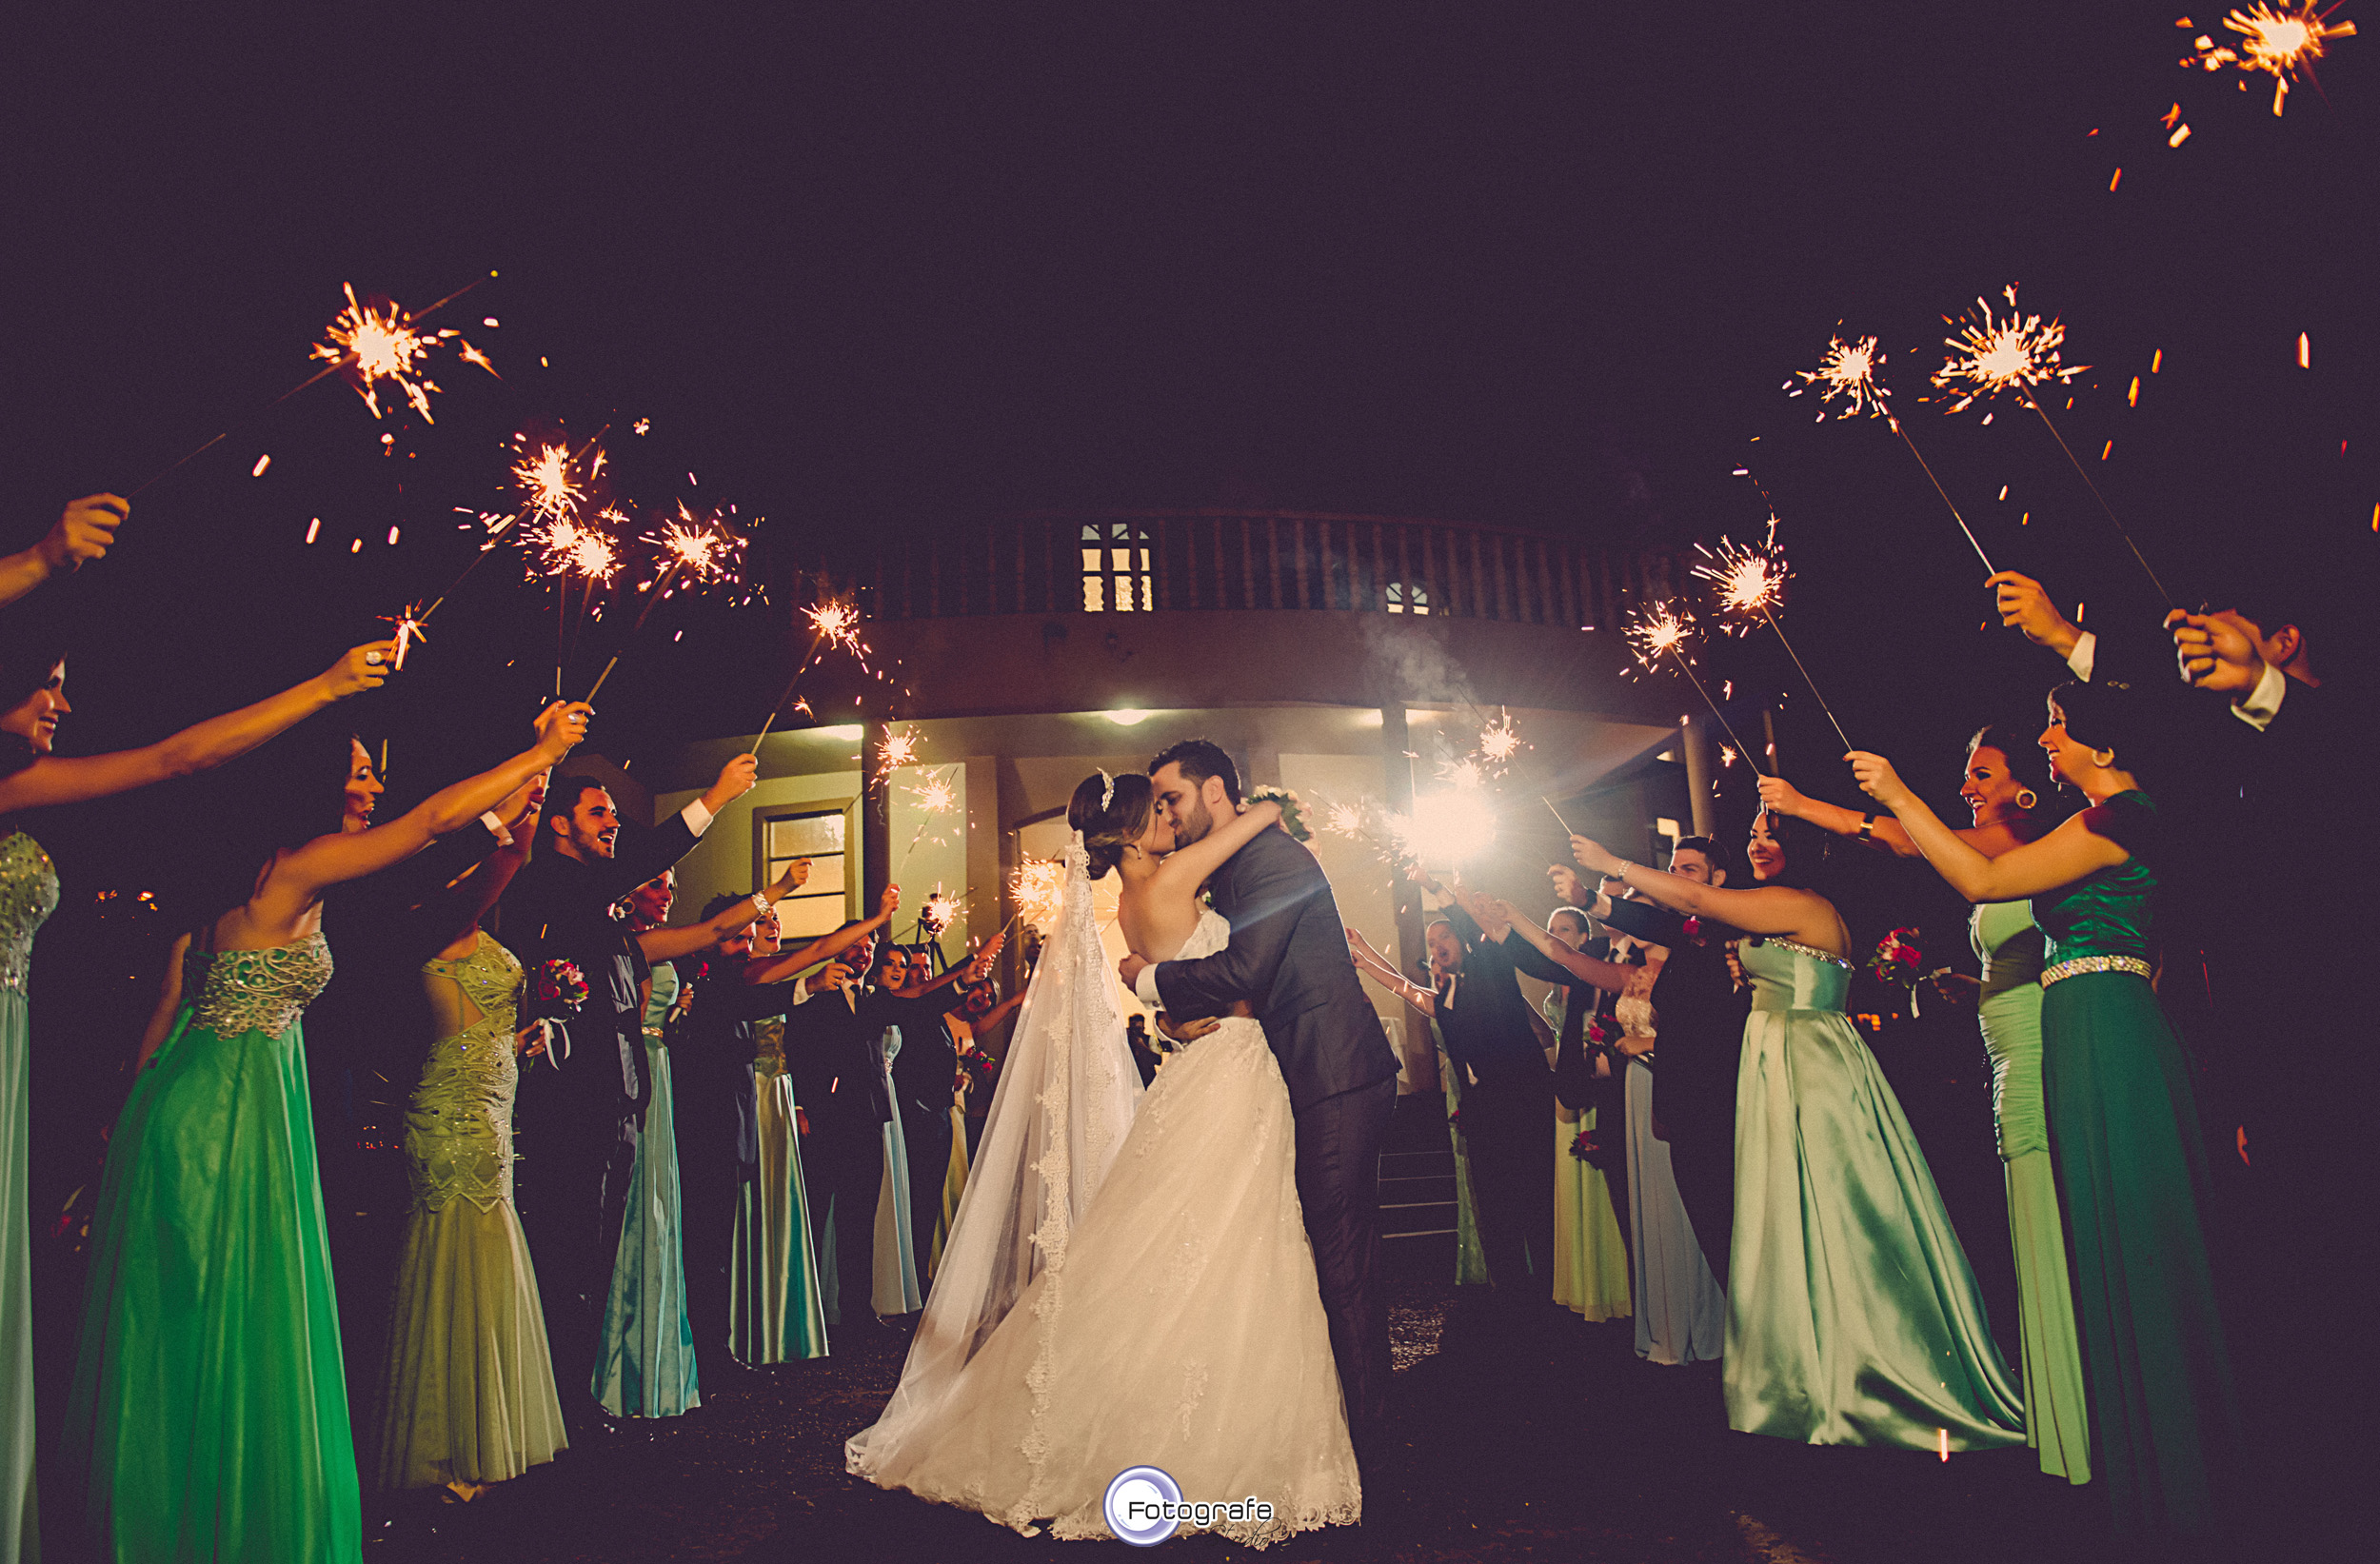 4 Dicas De Passadeiras Para Casamentos Praianos: Casamentos Em Foz Do Iguaçu